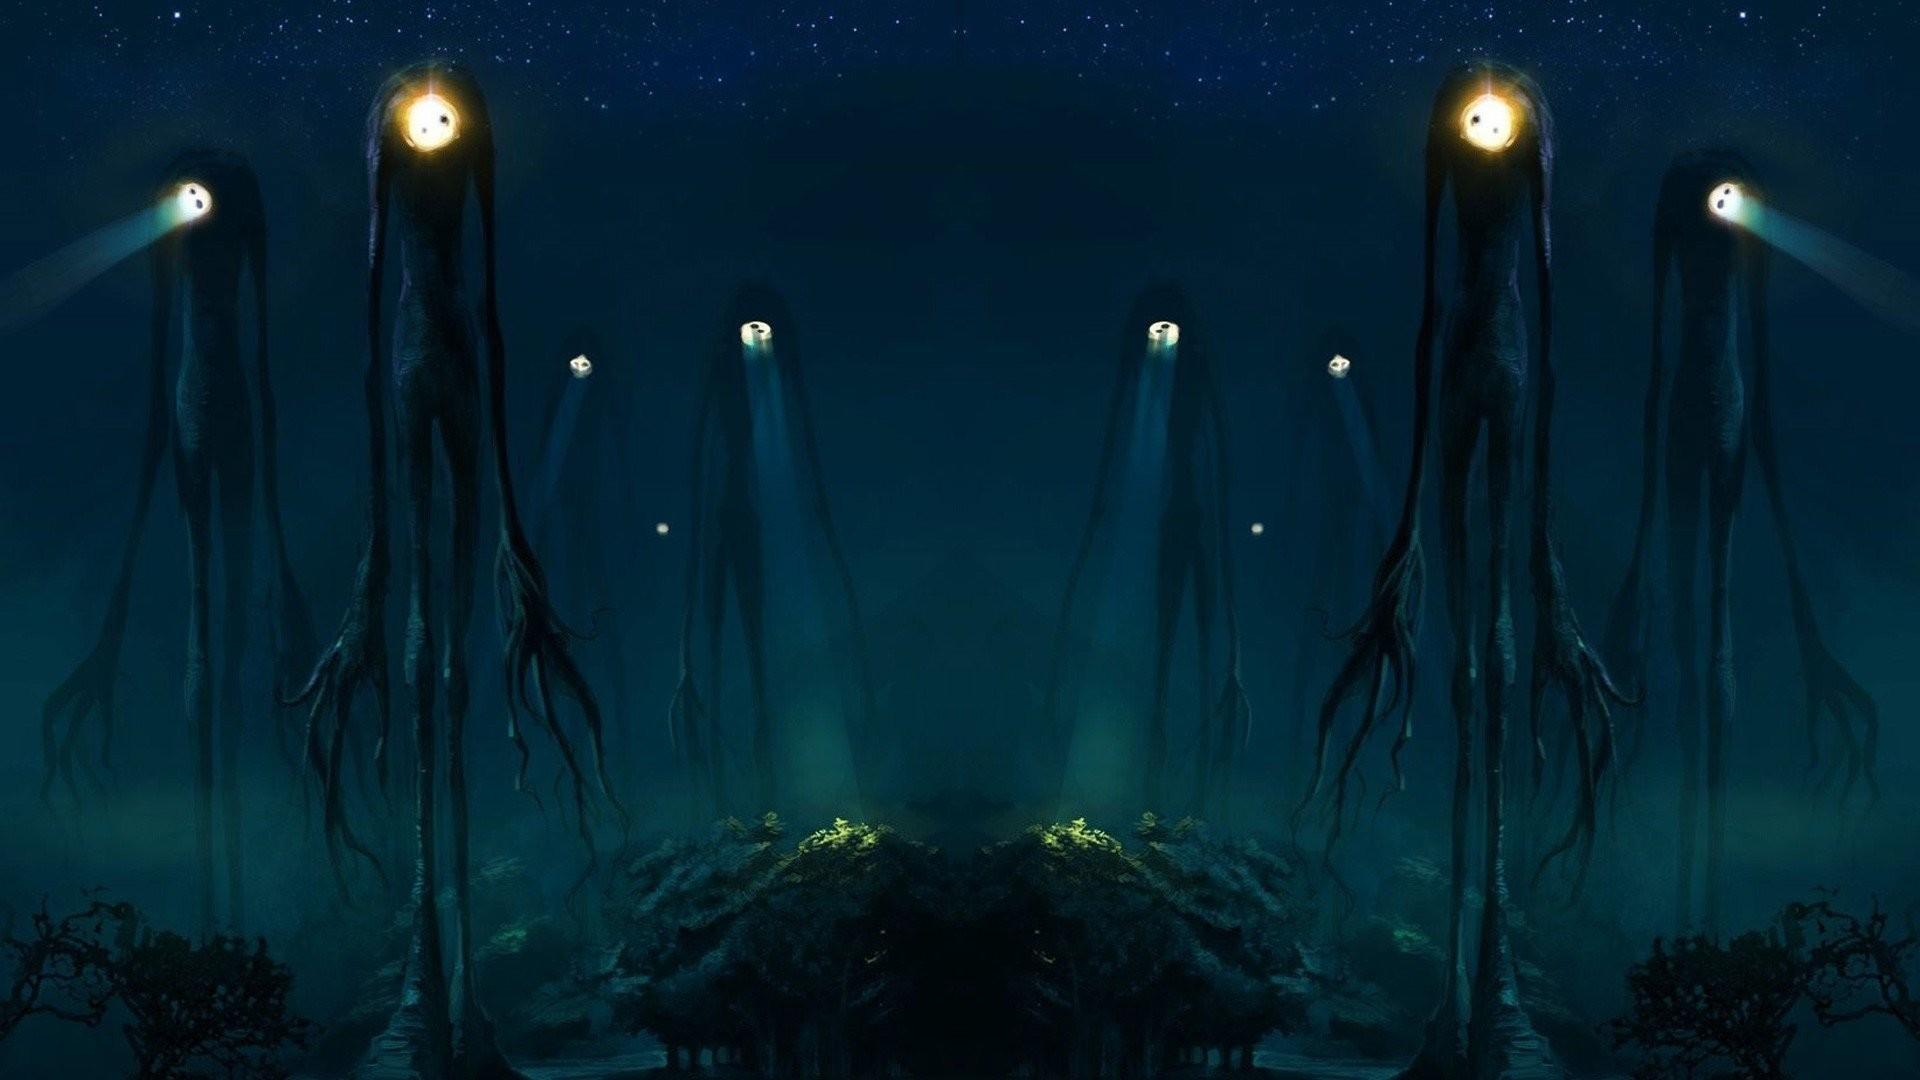 Aliens Creatures Slender Man Spotlight Trees